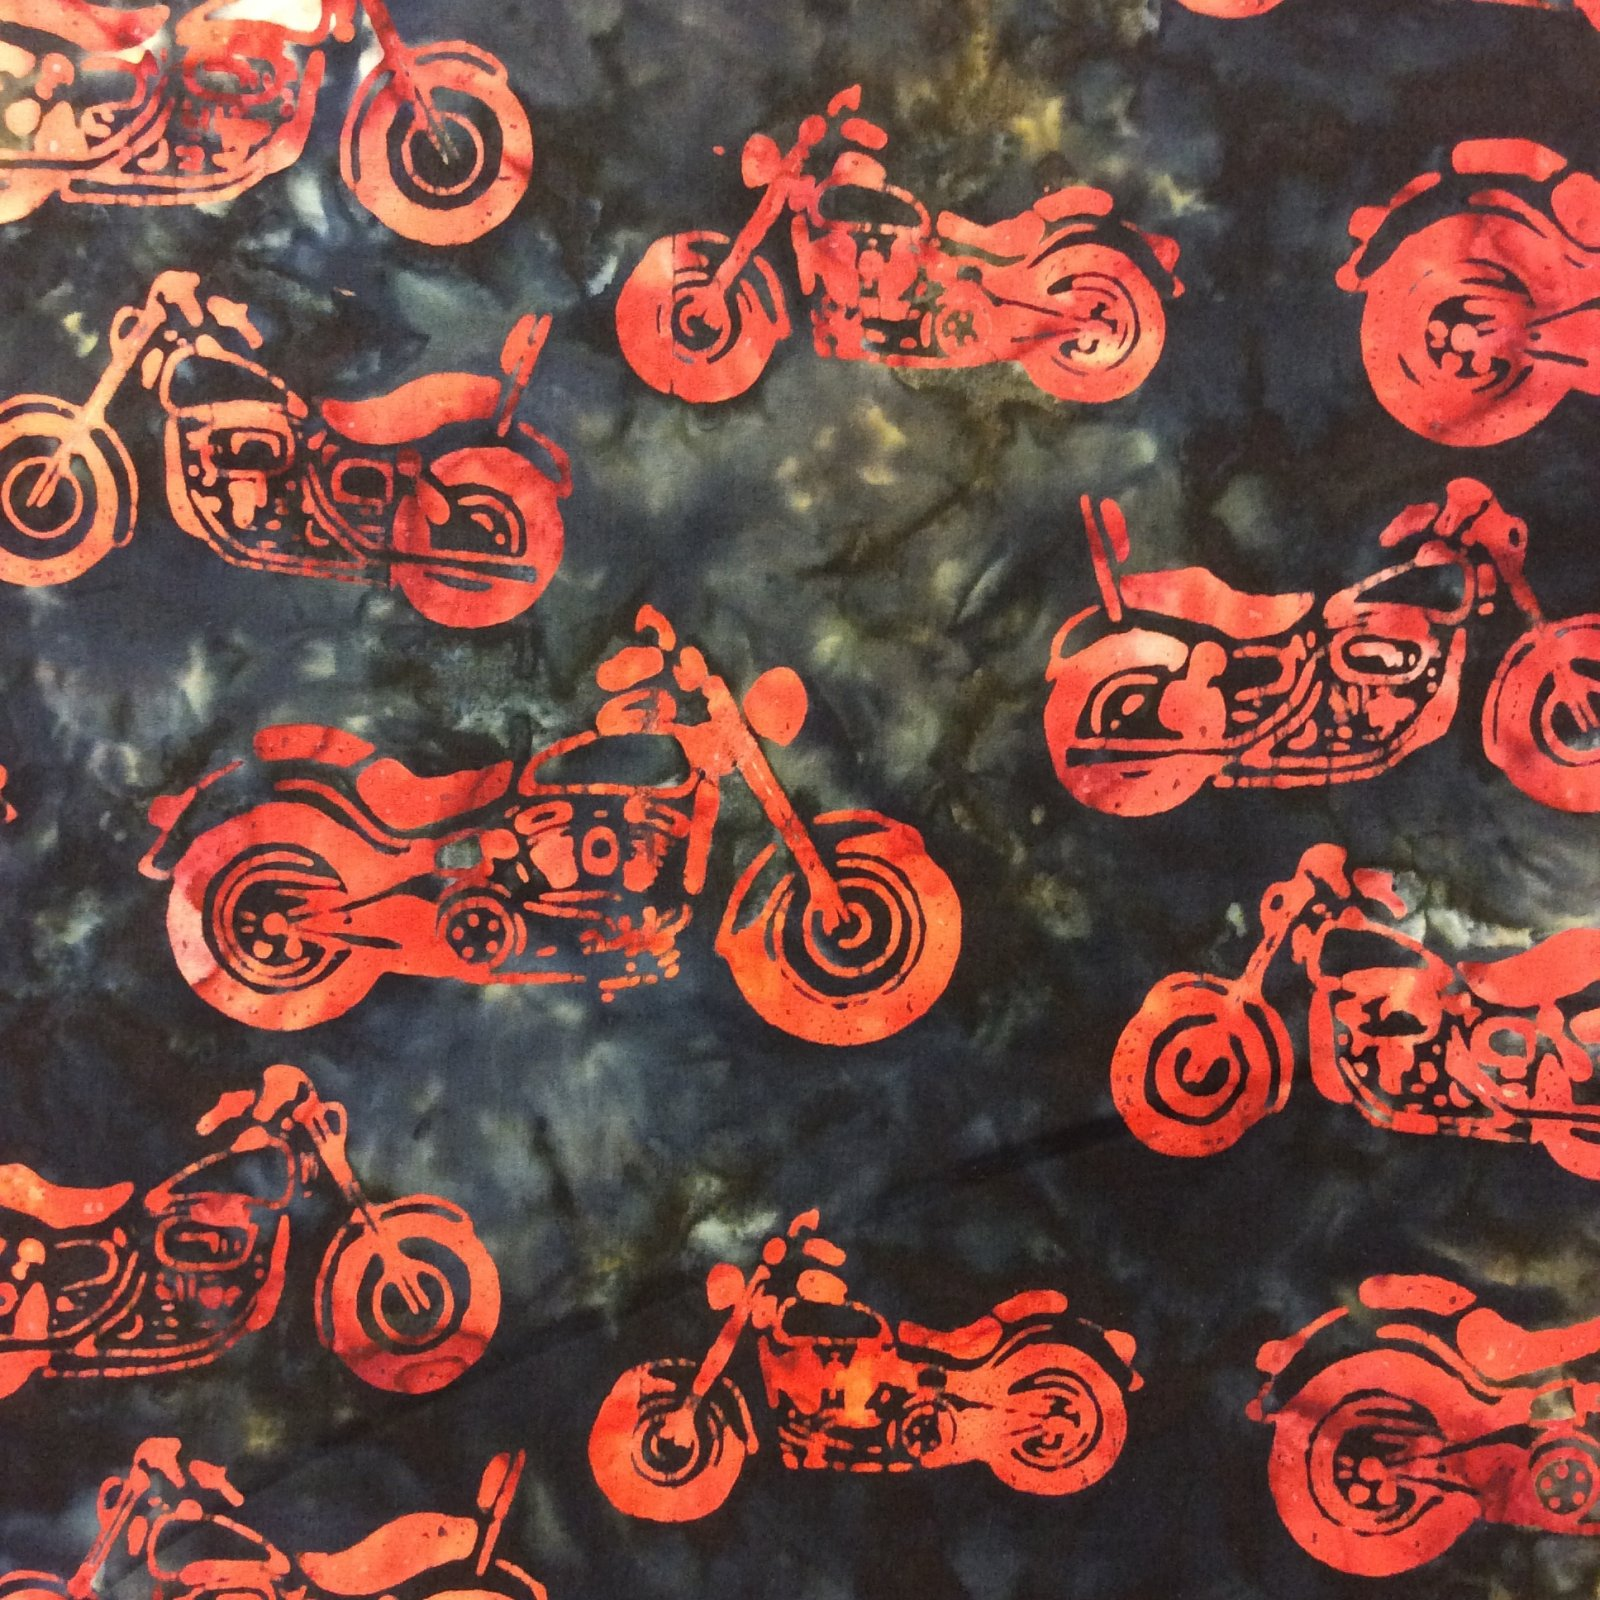 RK99 Motorcycle Batik Biker Helmet Watercolor Quilt Cotton Quilting Fabric